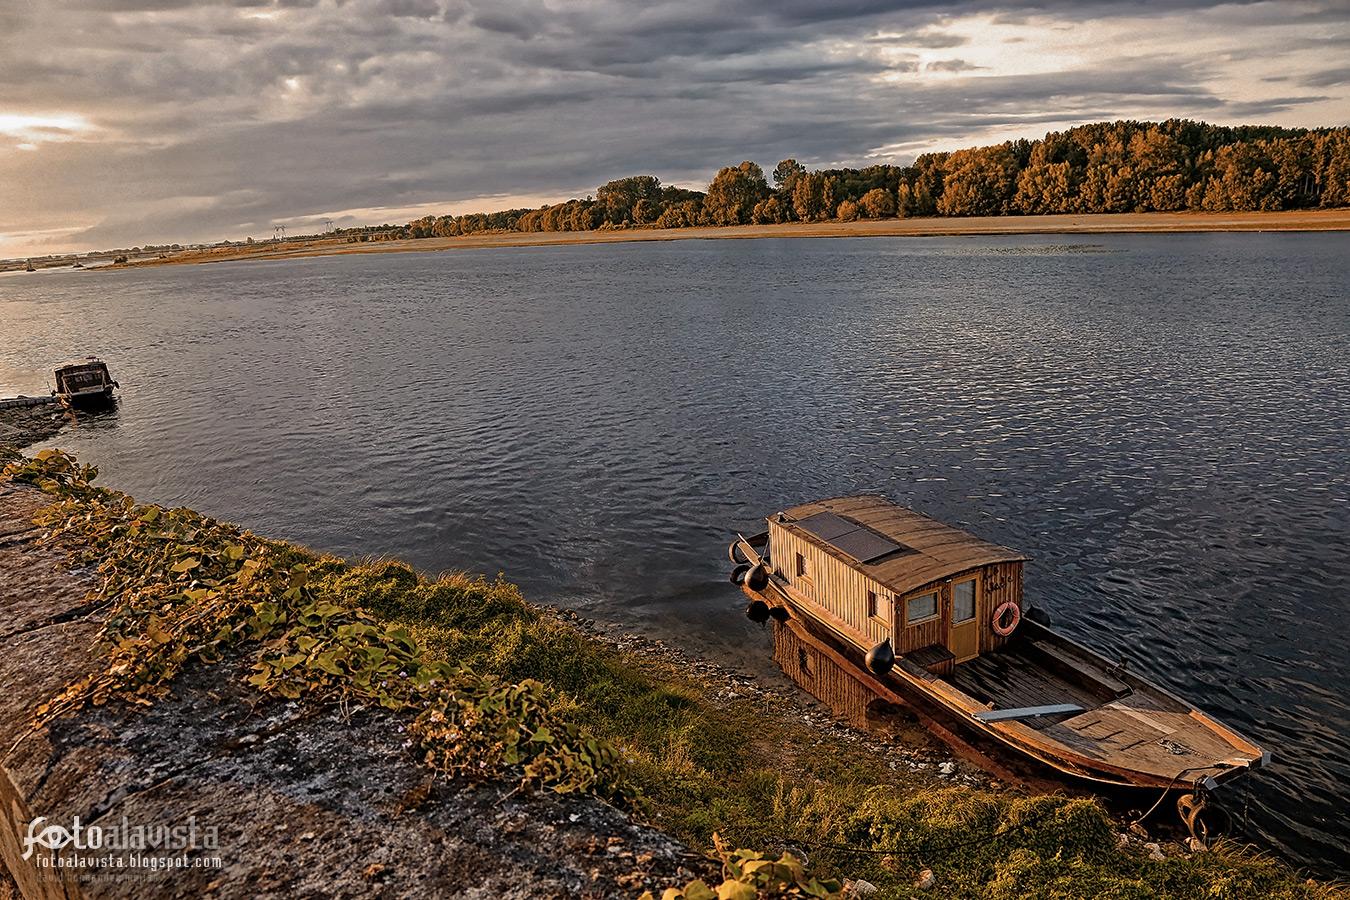 Barca en el Loira - Fotografía